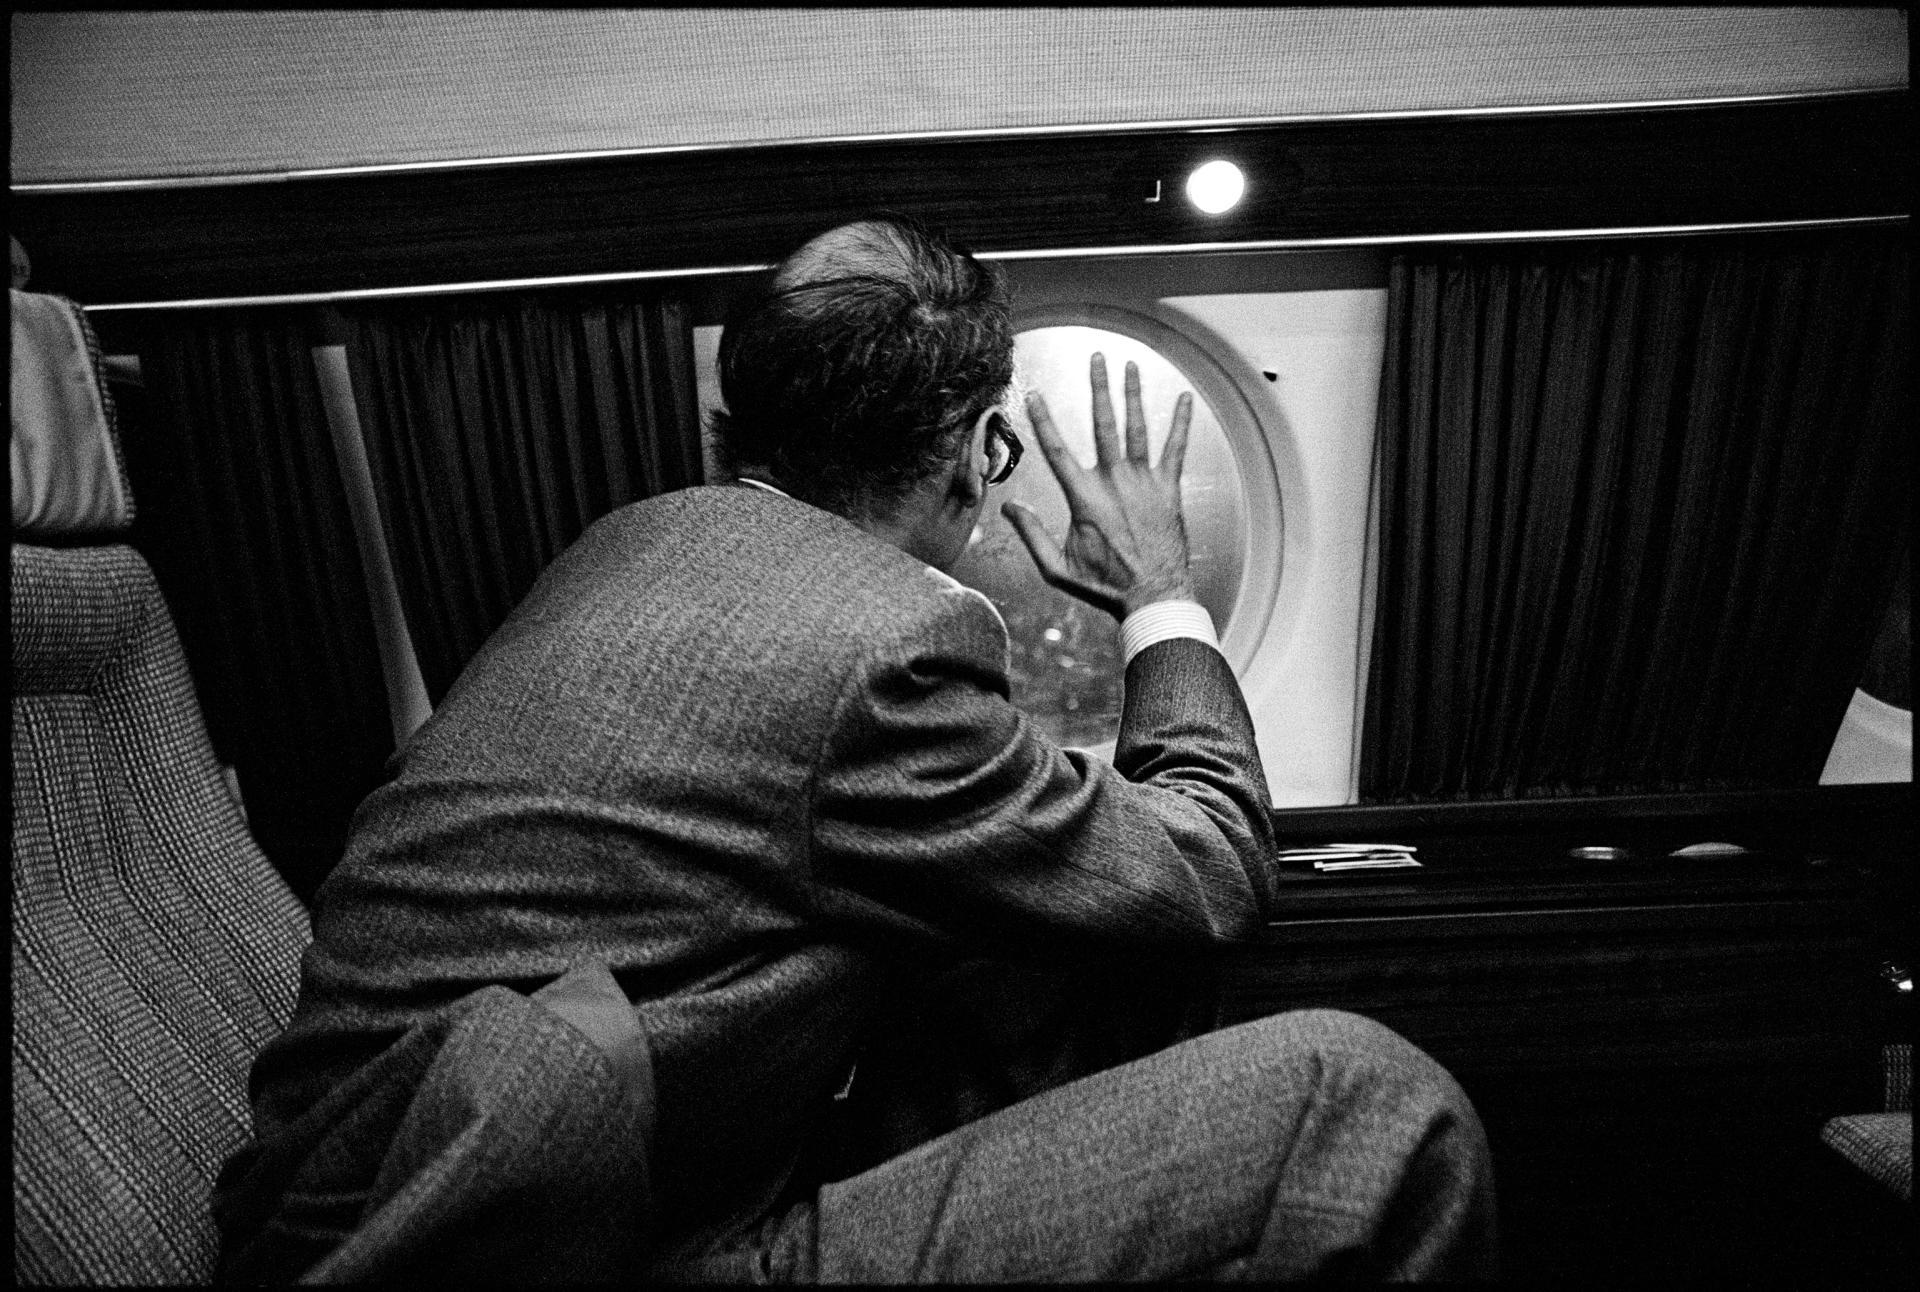 Le candidatValéry Giscard d'Estaing salue par le hublot lors d'un déplacement en avion.